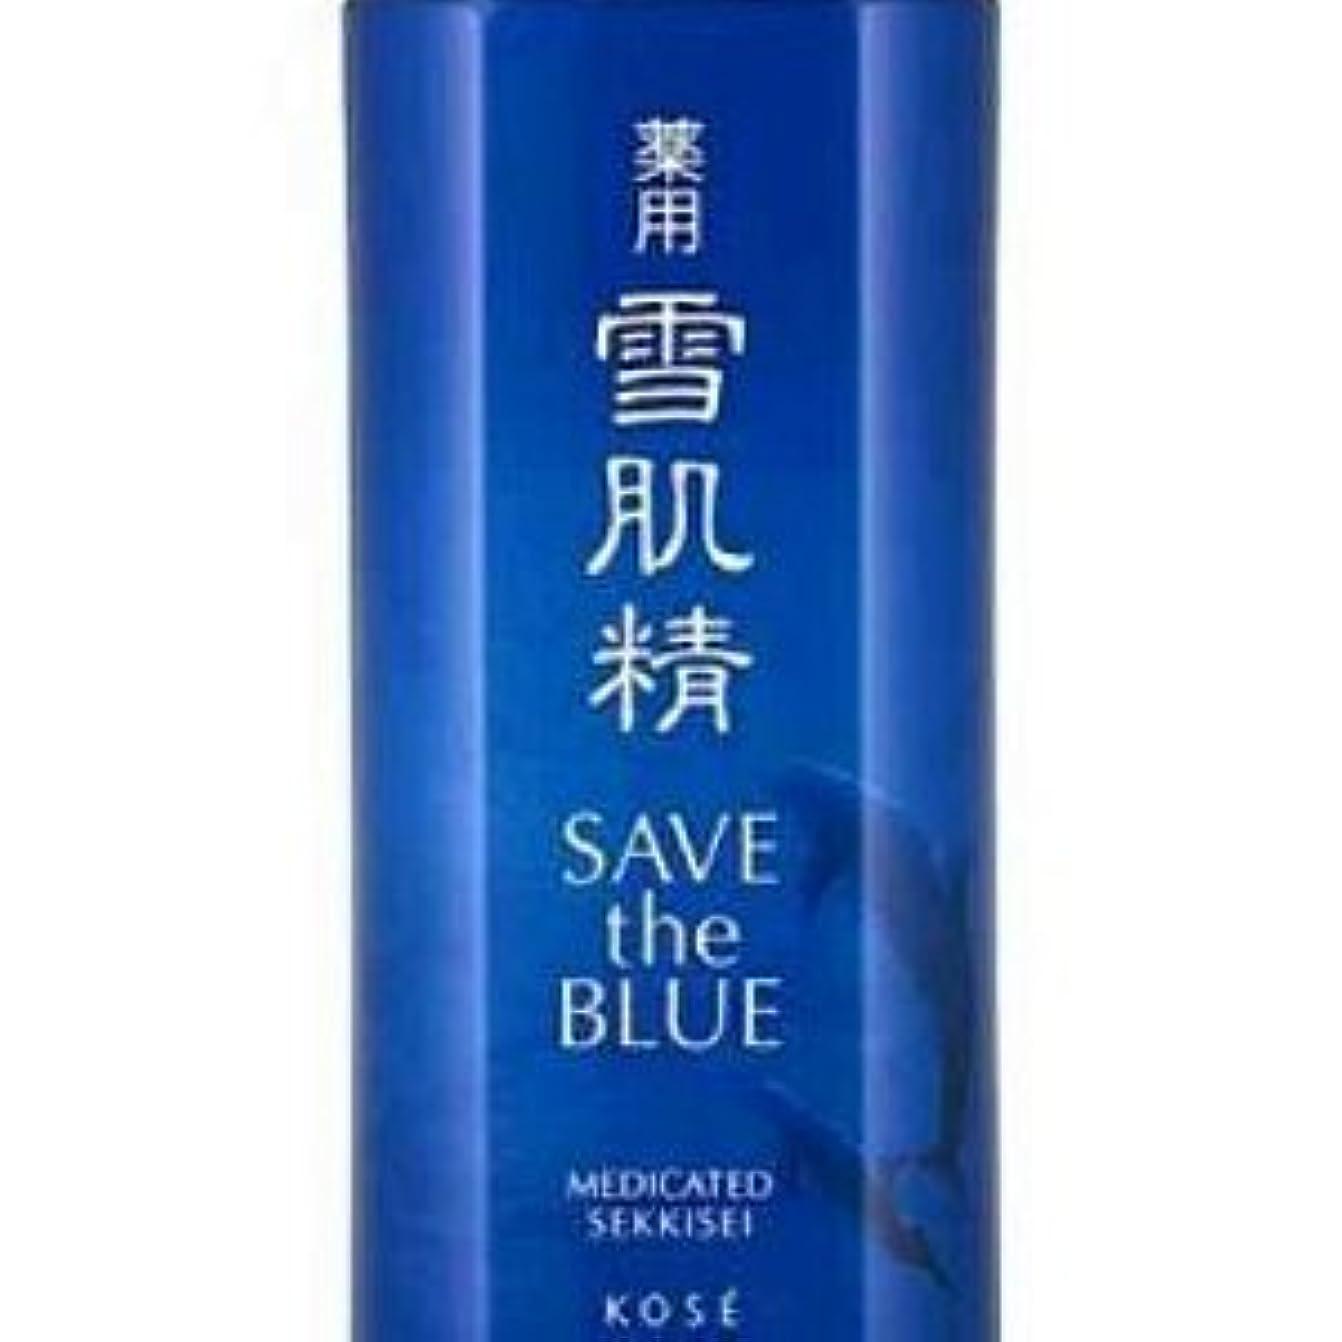 一致する学校の先生メイエラコーセー 薬用雪肌精 化粧水 ディスペンサー付限定ボトル 500ml アウトレット